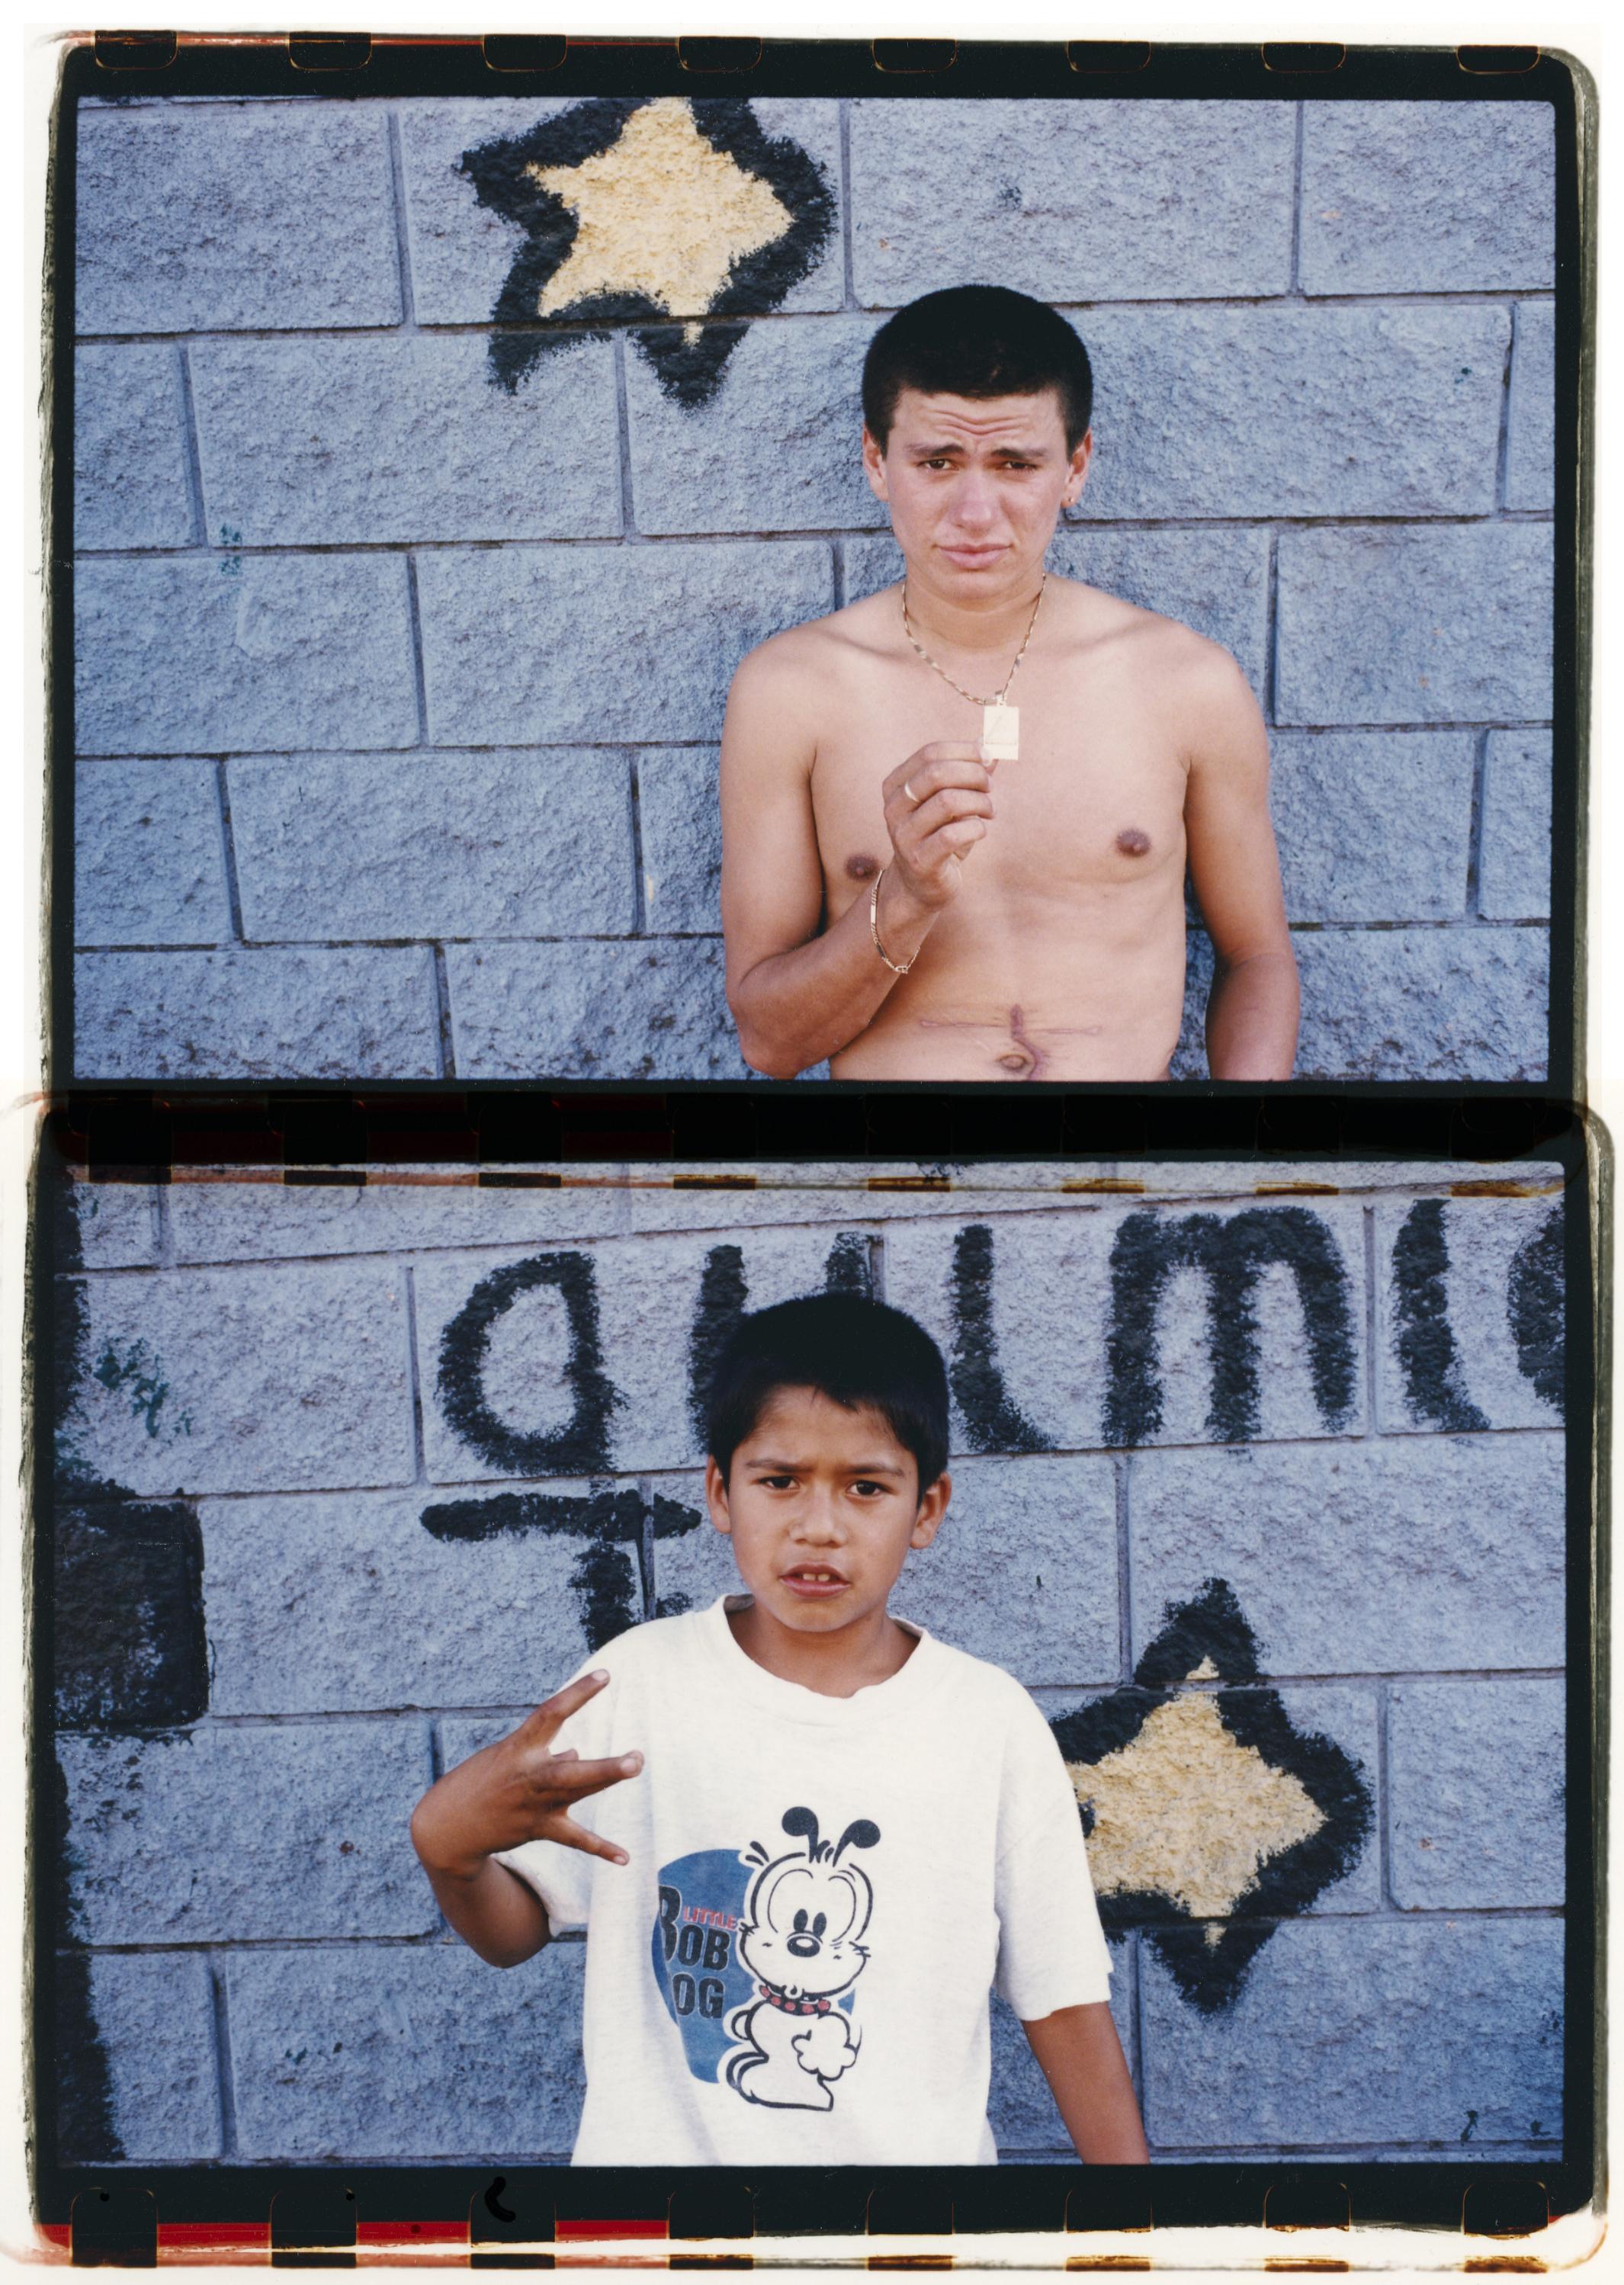 Chico Brenes, Los Angeles, 1998